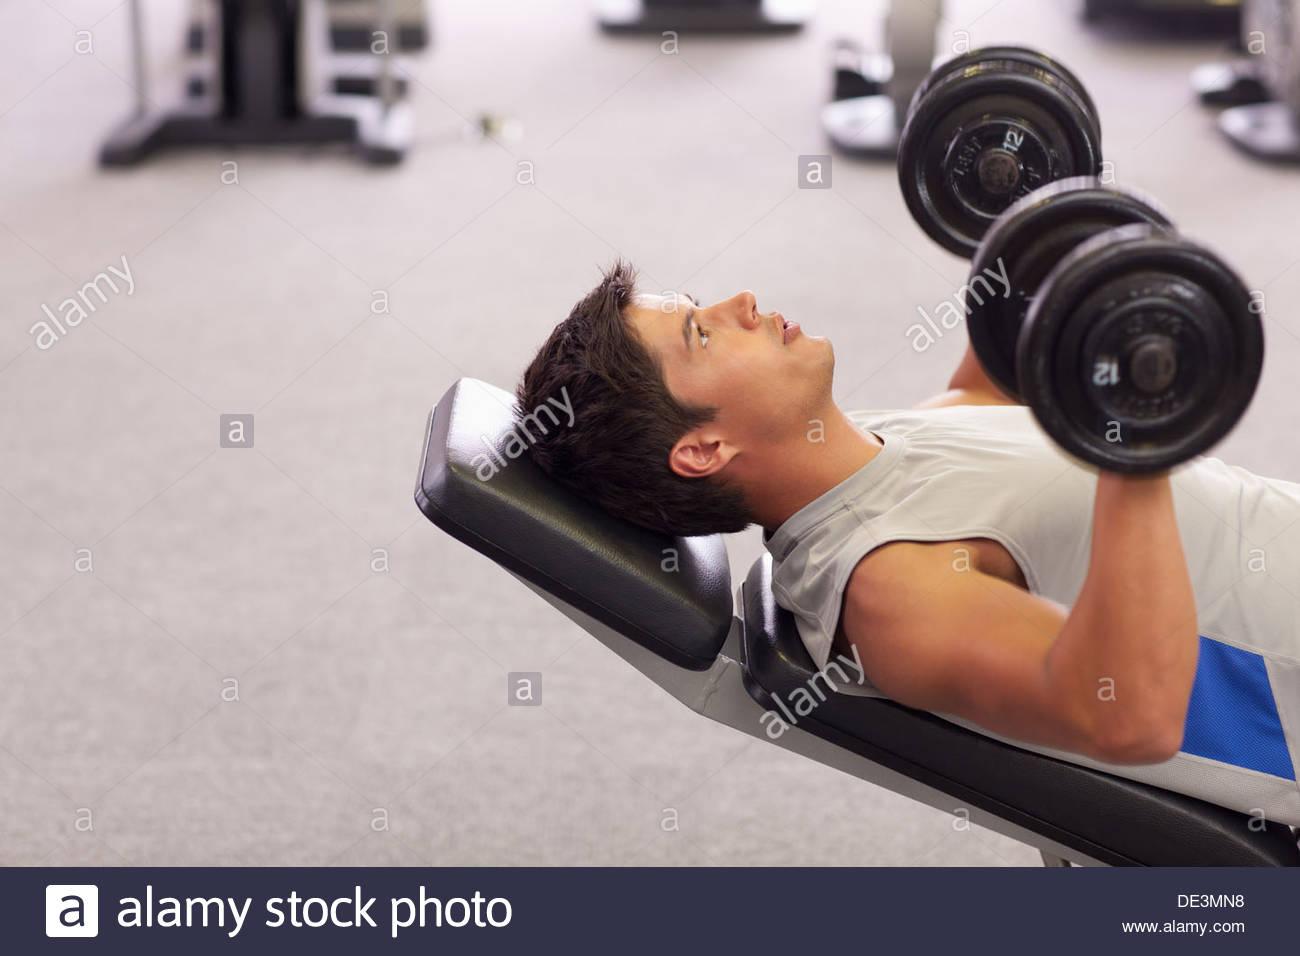 Hombre haciendo pendiente presiona el pecho con pesas en el gimnasio Imagen De Stock